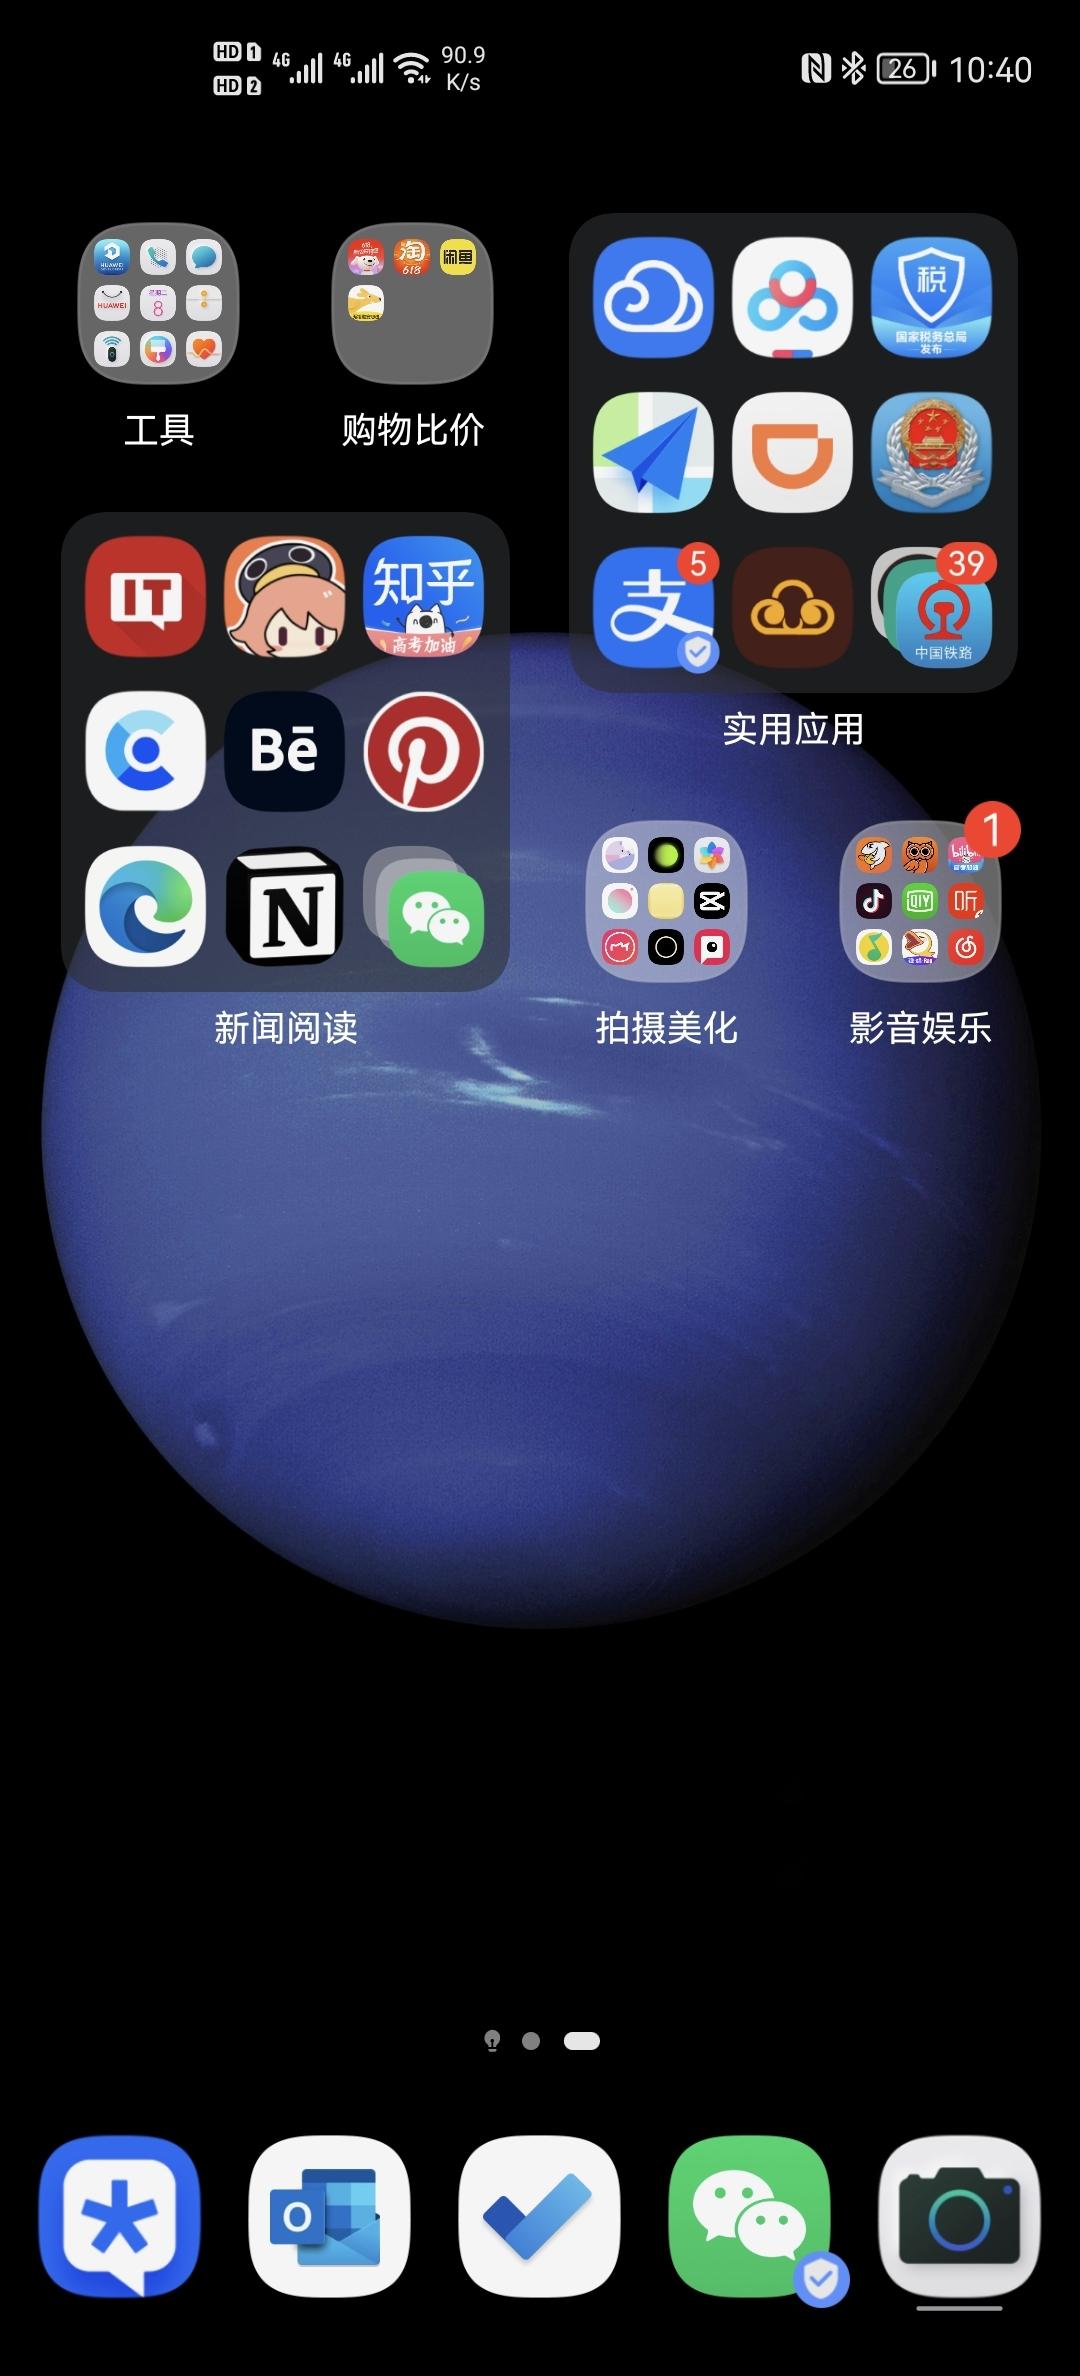 Screenshot_20210608_224025_com.huawei.android.launcher.jpg